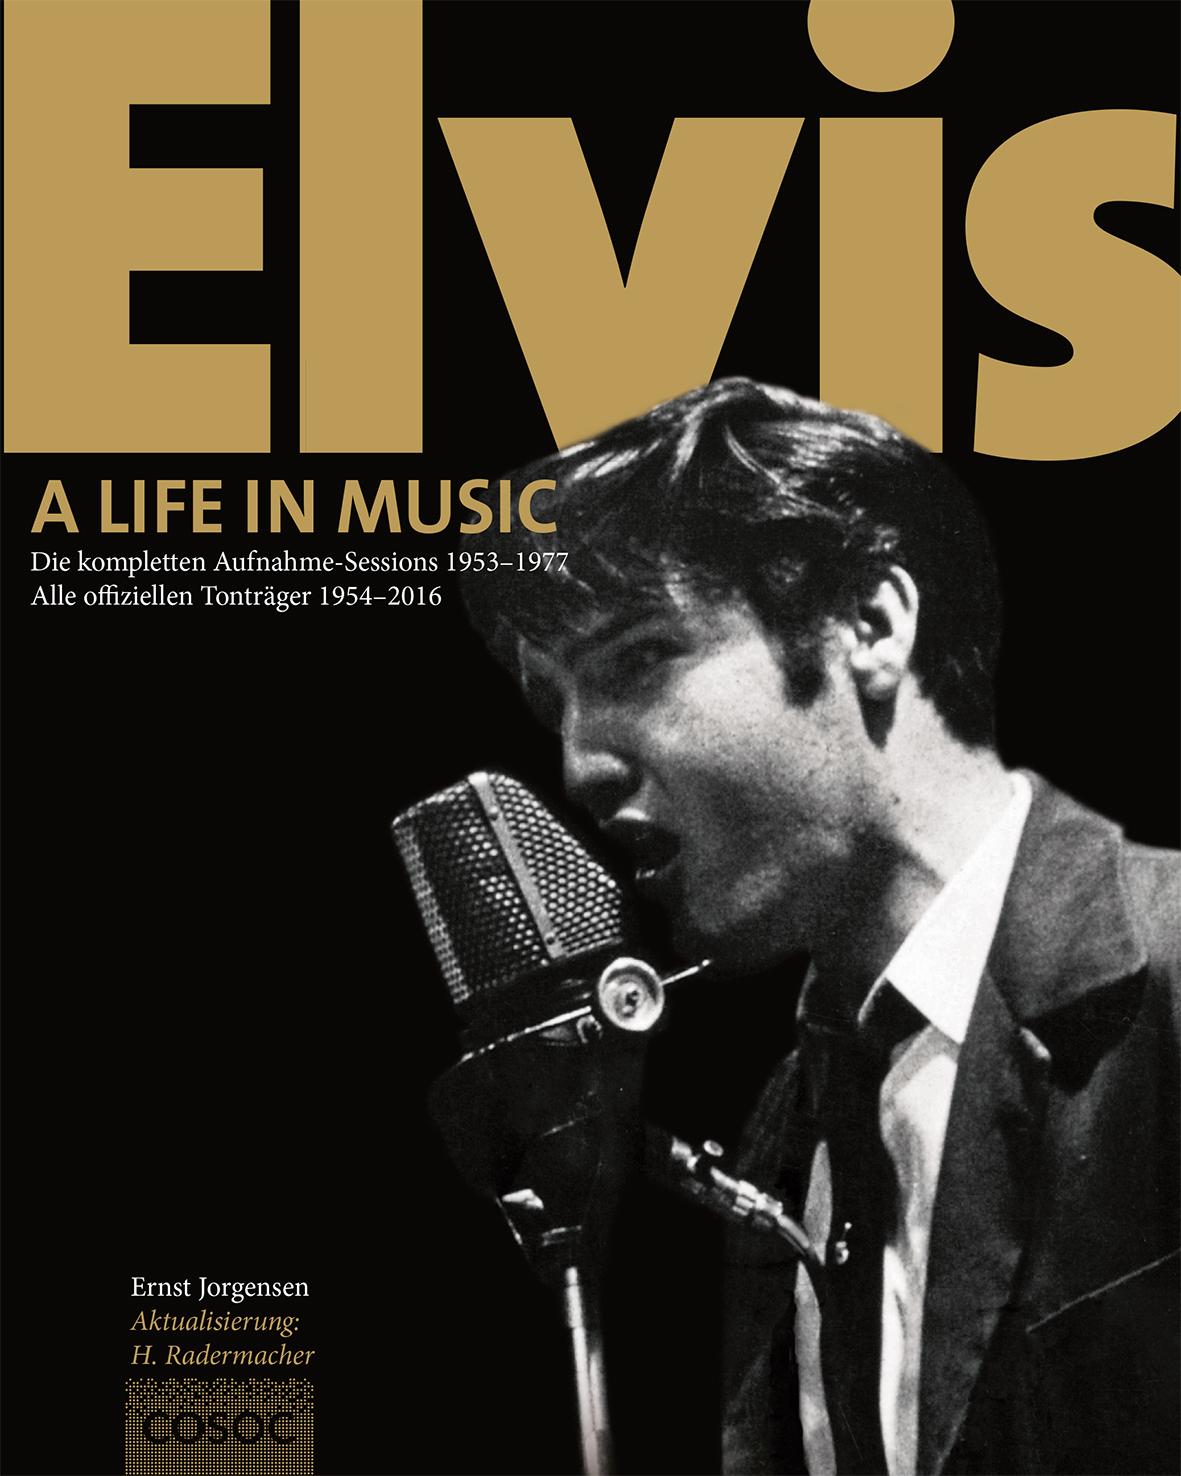 Elvis-A-Life-in-Music-Ernst-Jorgensen